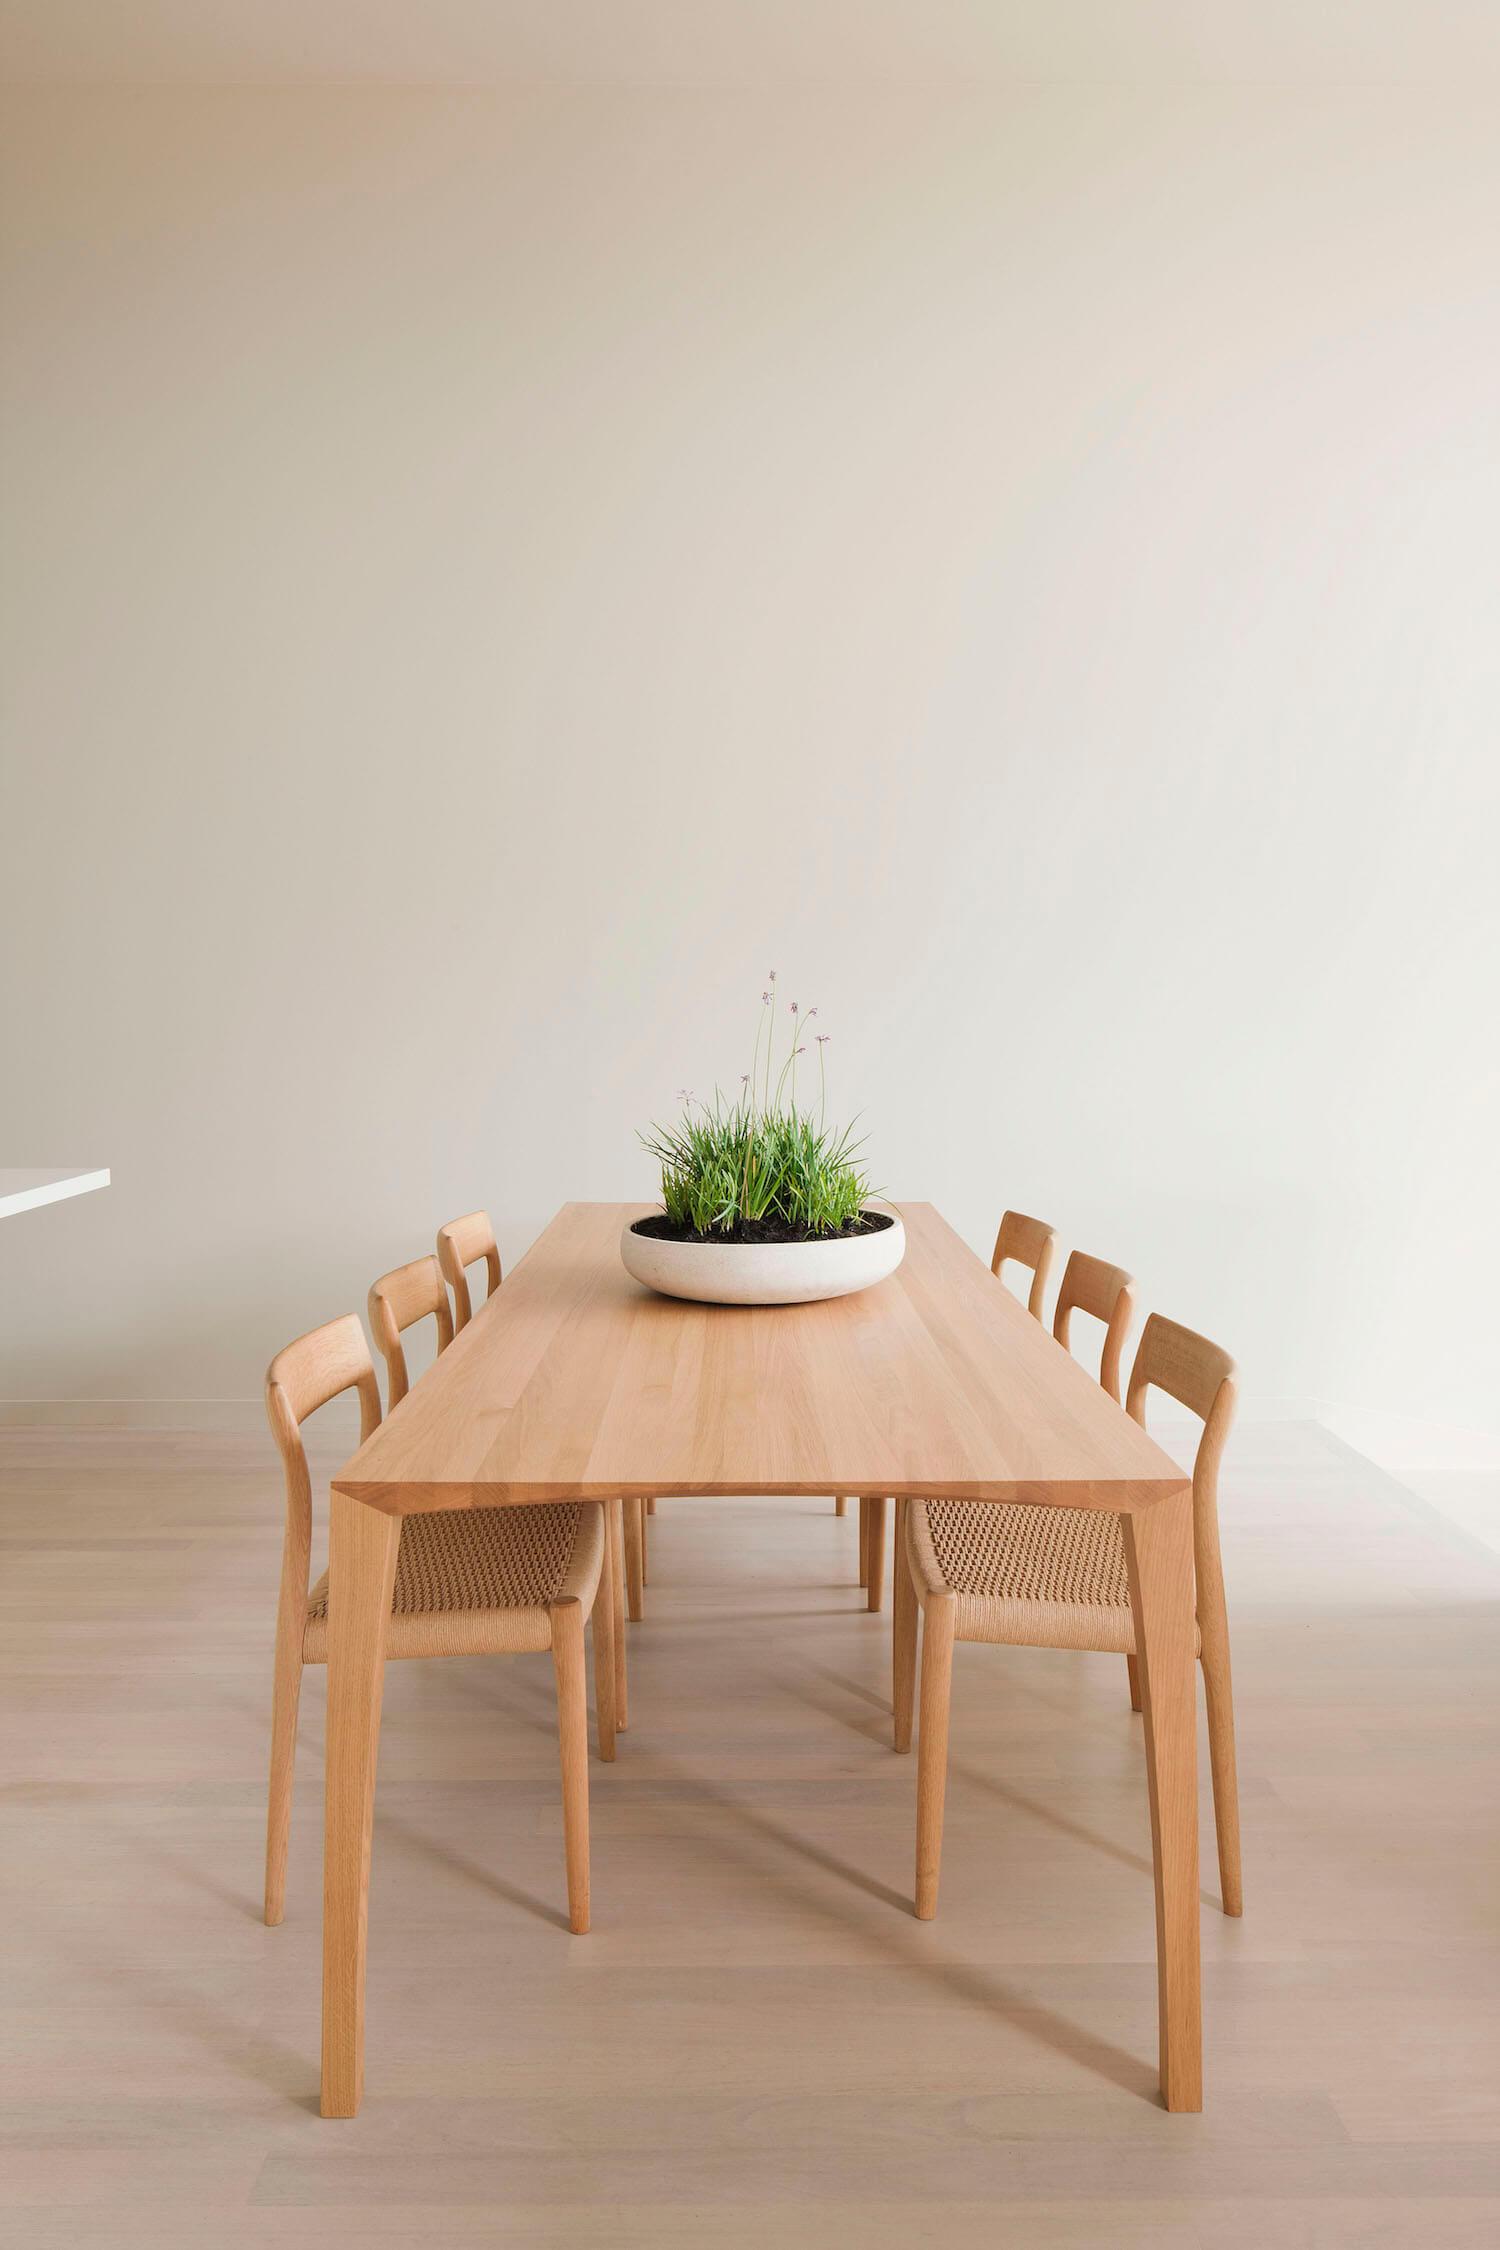 est living australian interiors studiofour ridge road residence image 12